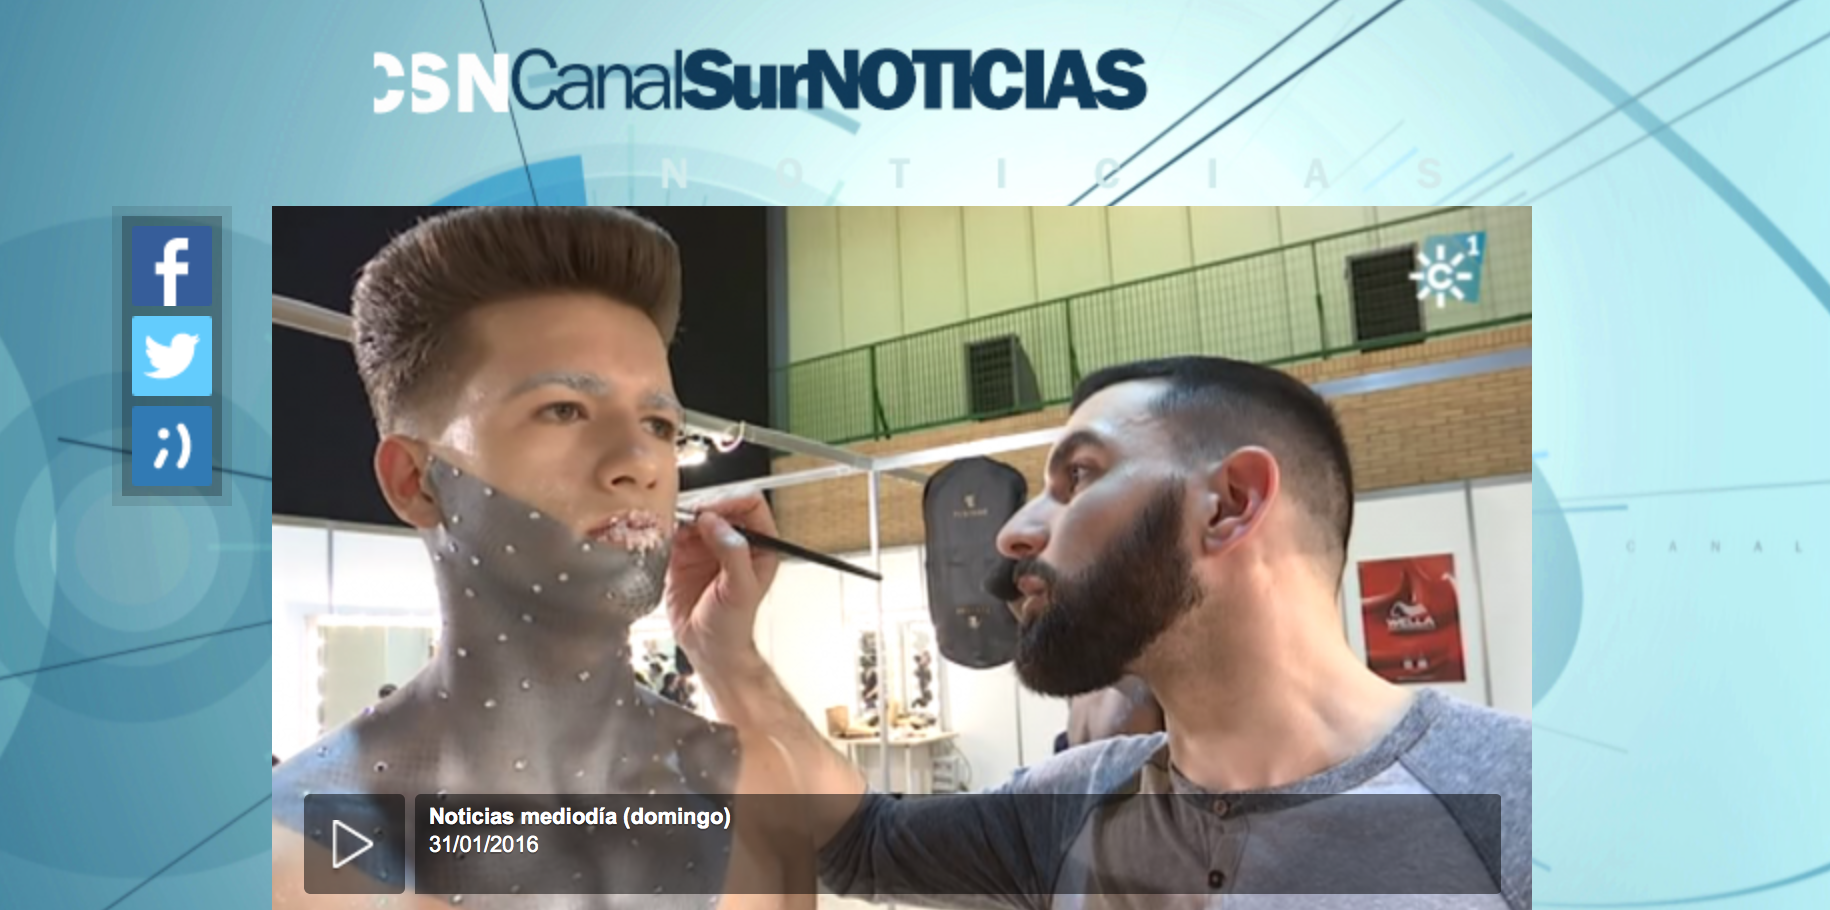 Informativos Canal Sur